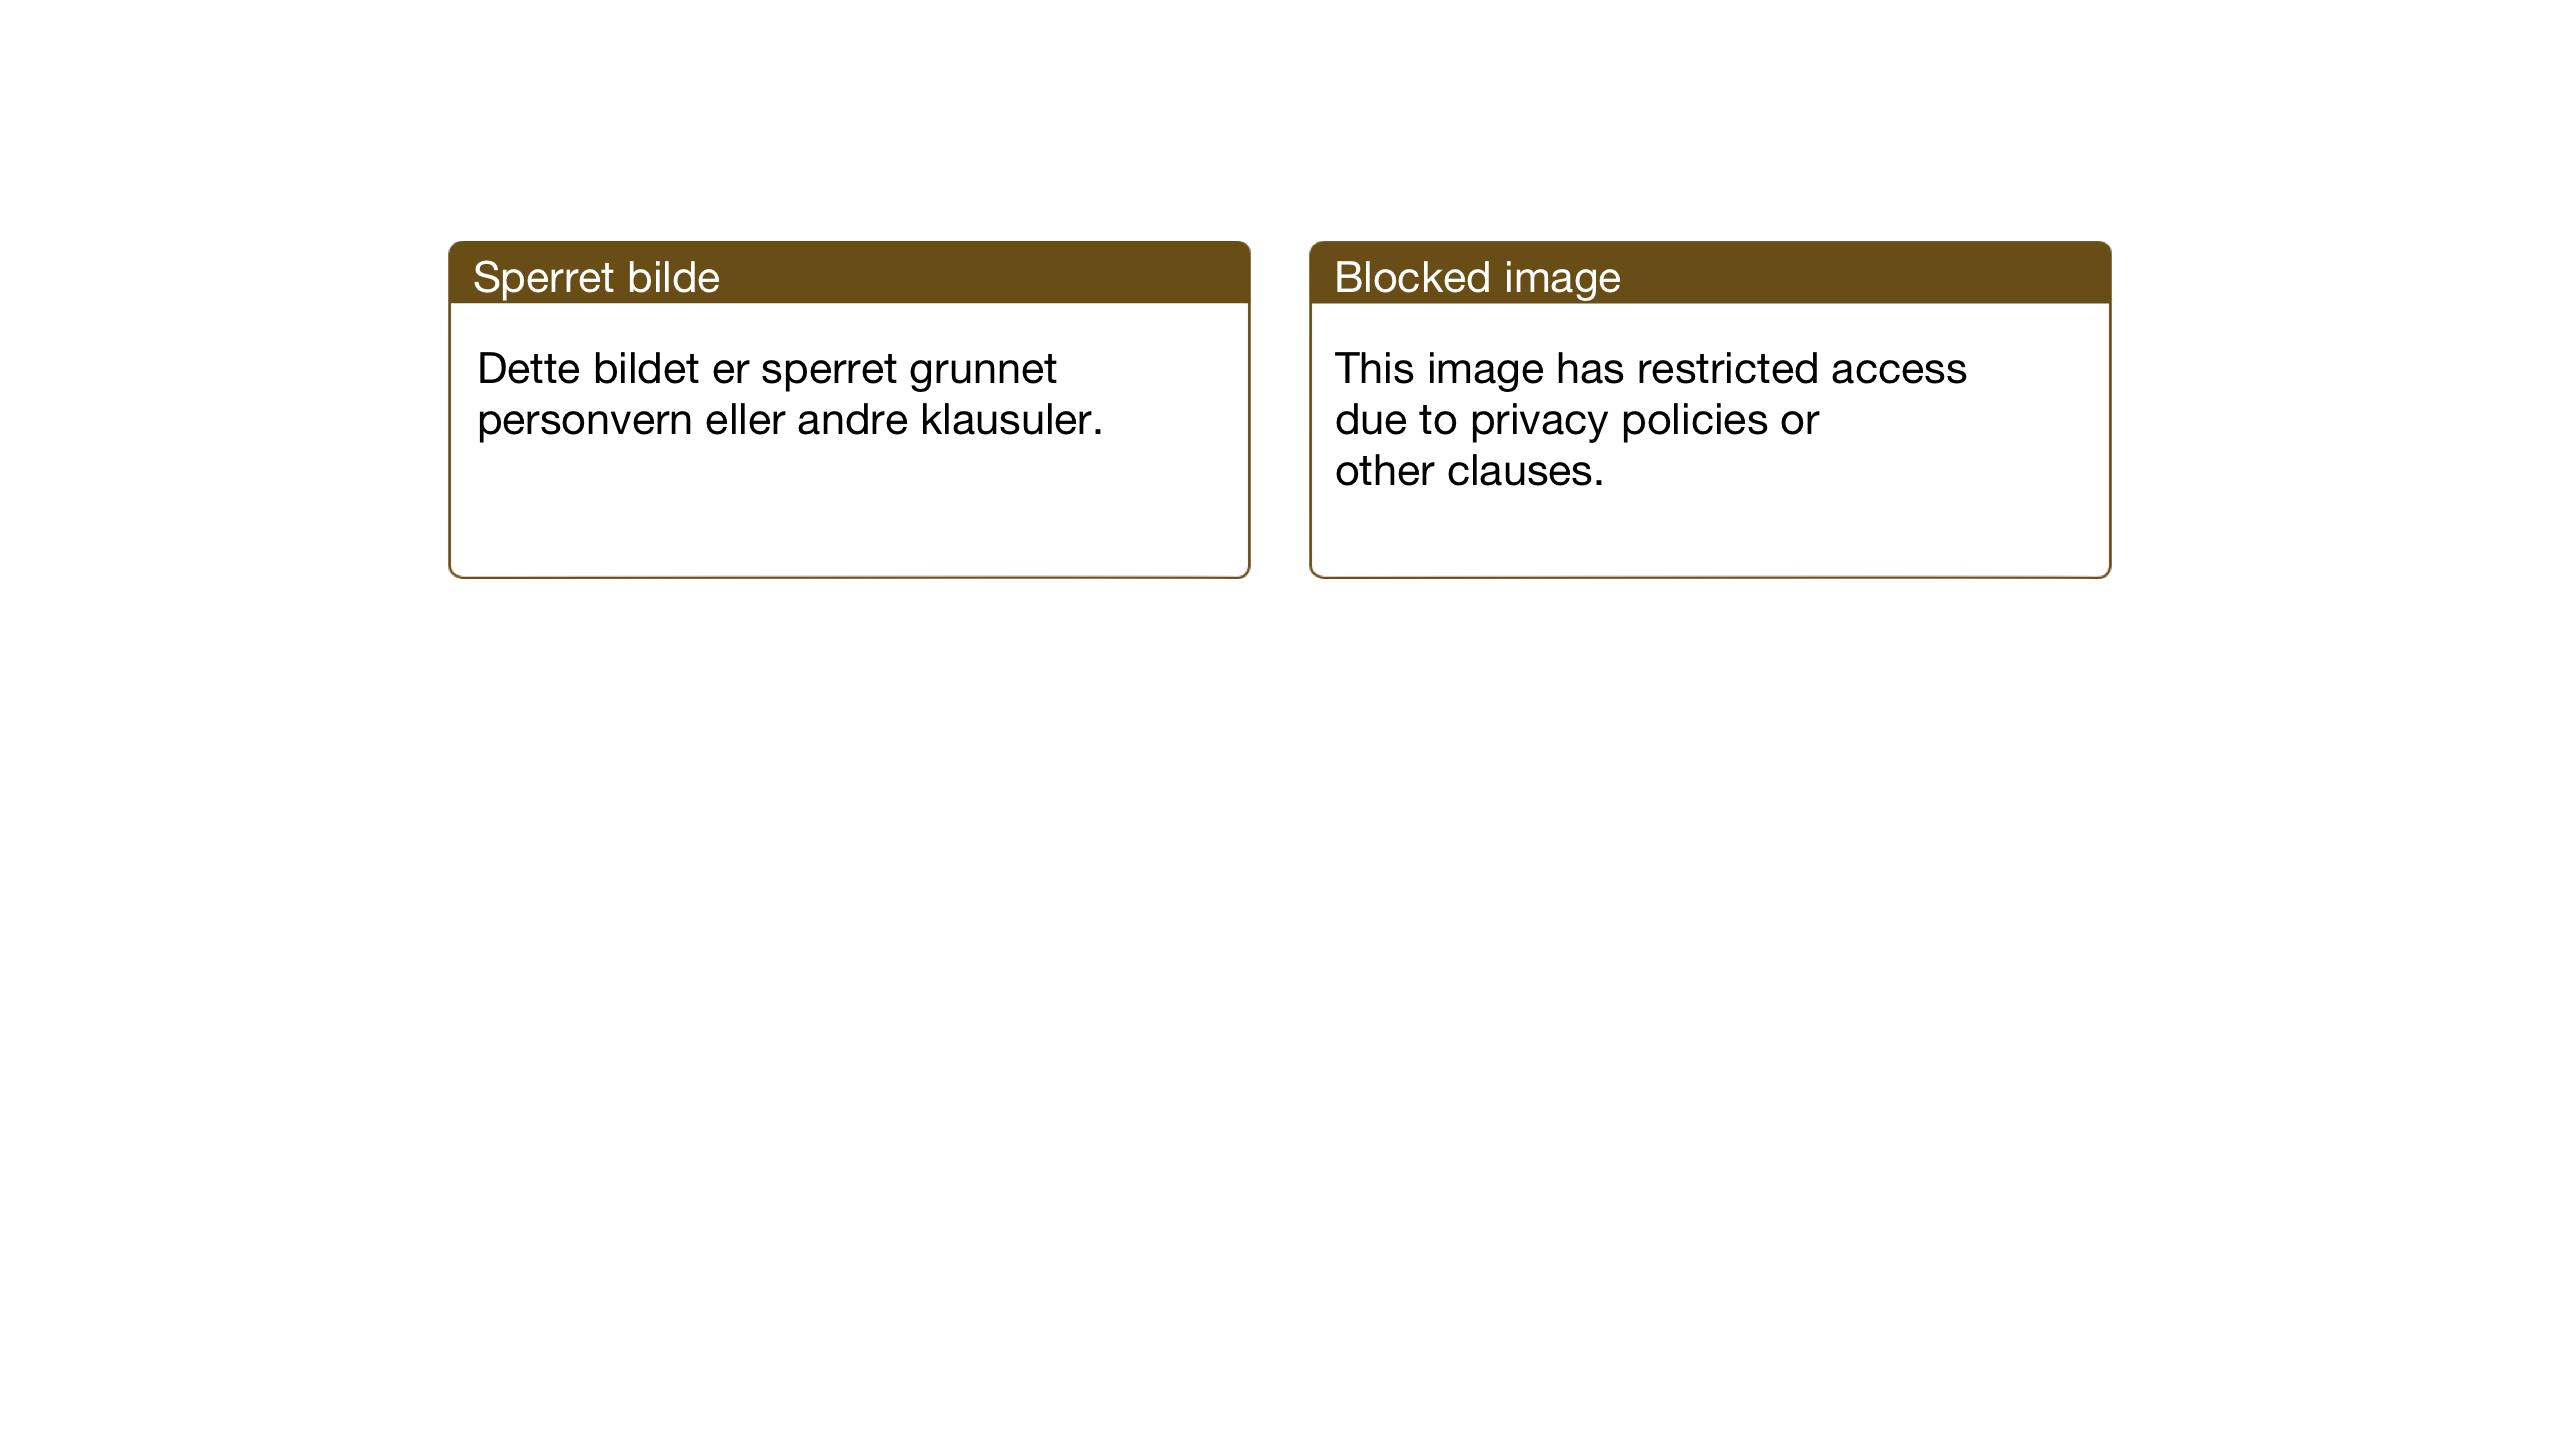 SAT, Ministerialprotokoller, klokkerbøker og fødselsregistre - Nord-Trøndelag, 712/L0104: Klokkerbok nr. 712C02, 1917-1939, s. 68